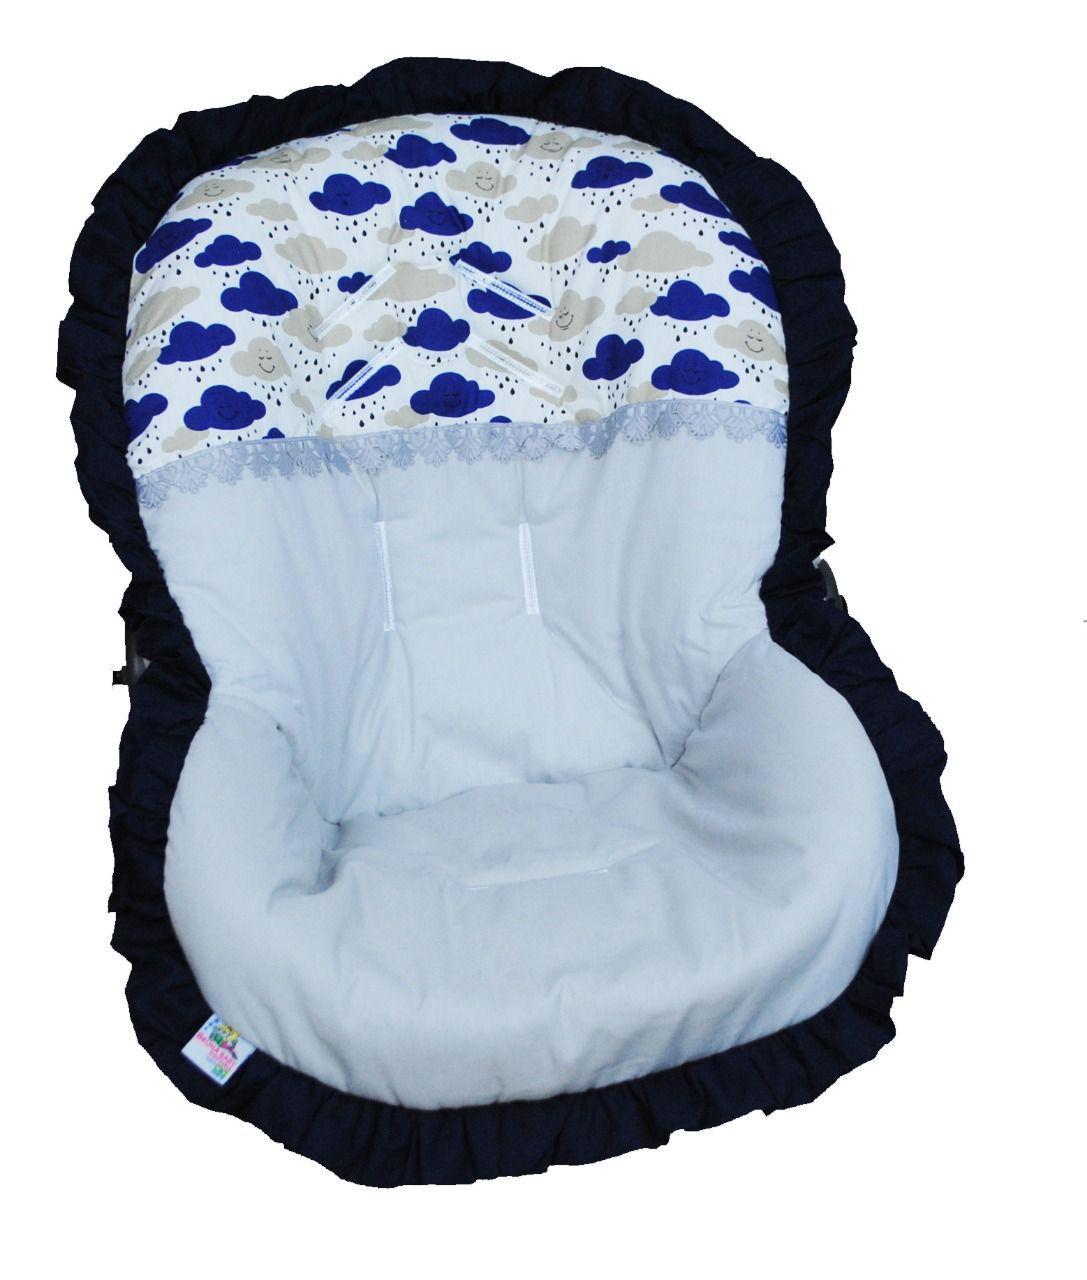 Capa Para Bebê Conforto Nuvens Cinza e Marinho 100% Algodão